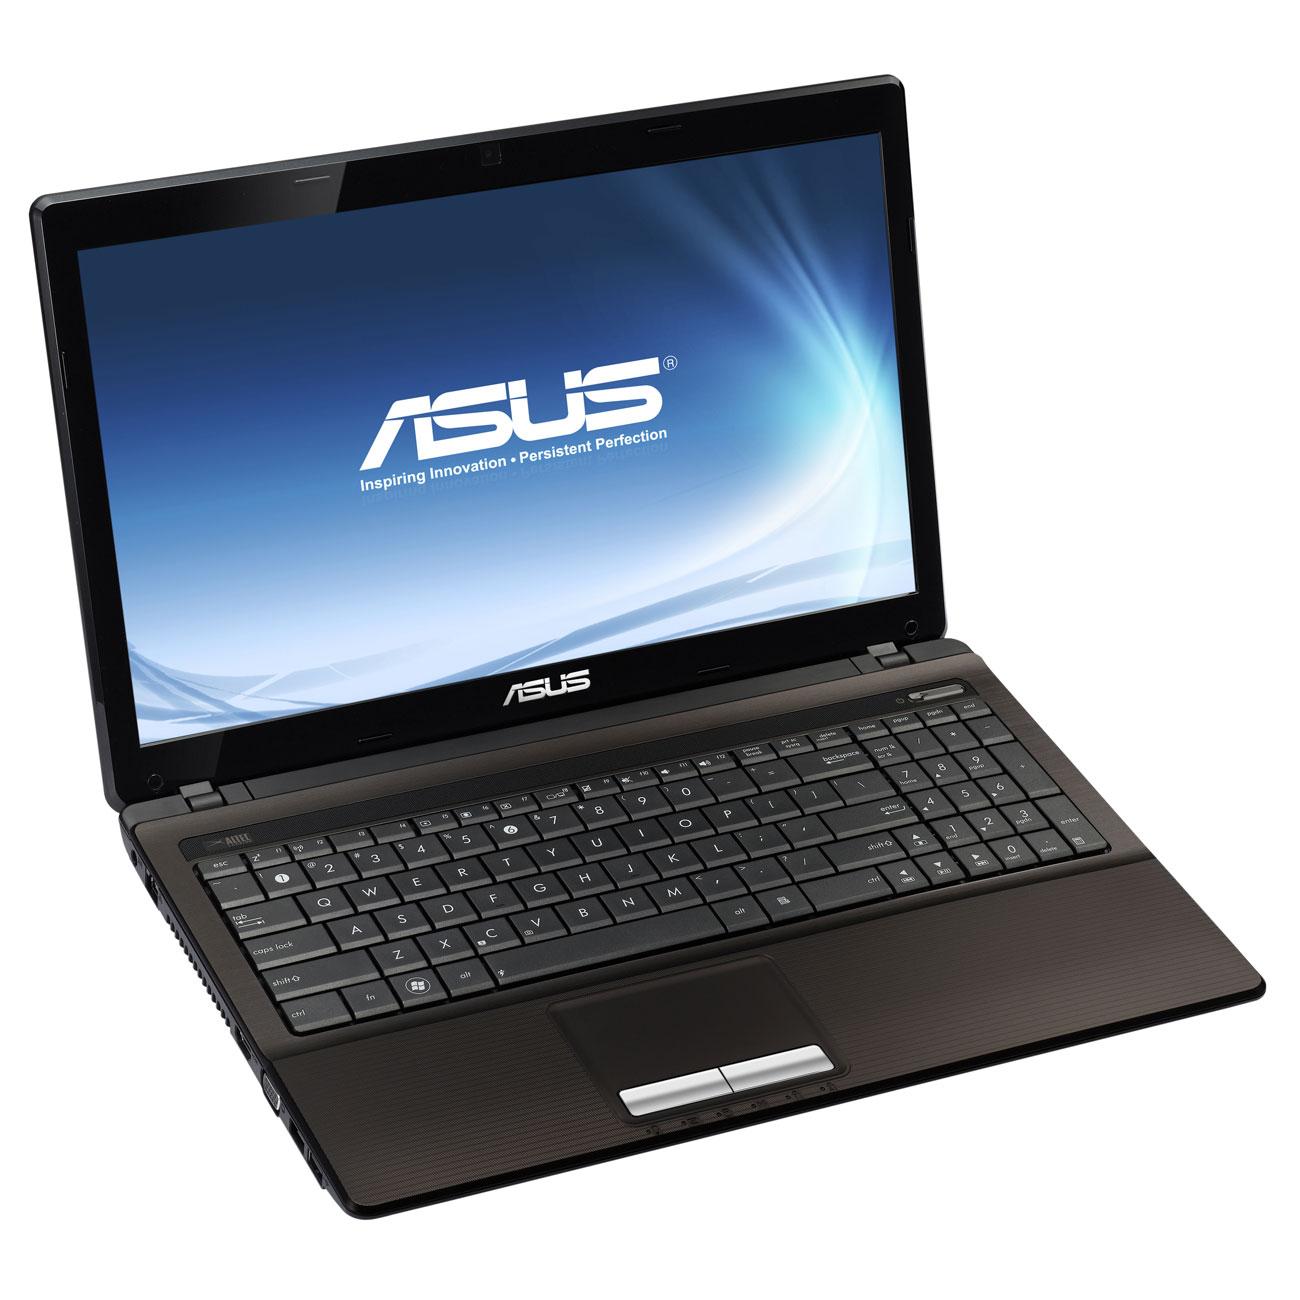 """PC portable ASUS X53U-SX366V AMD E-450 4 Go 320 Go 15.6"""" LED Graveur DVD Wi-Fi N Webcam Windows 7 Premium 64 bits (garantie constructeur 2 ans)"""